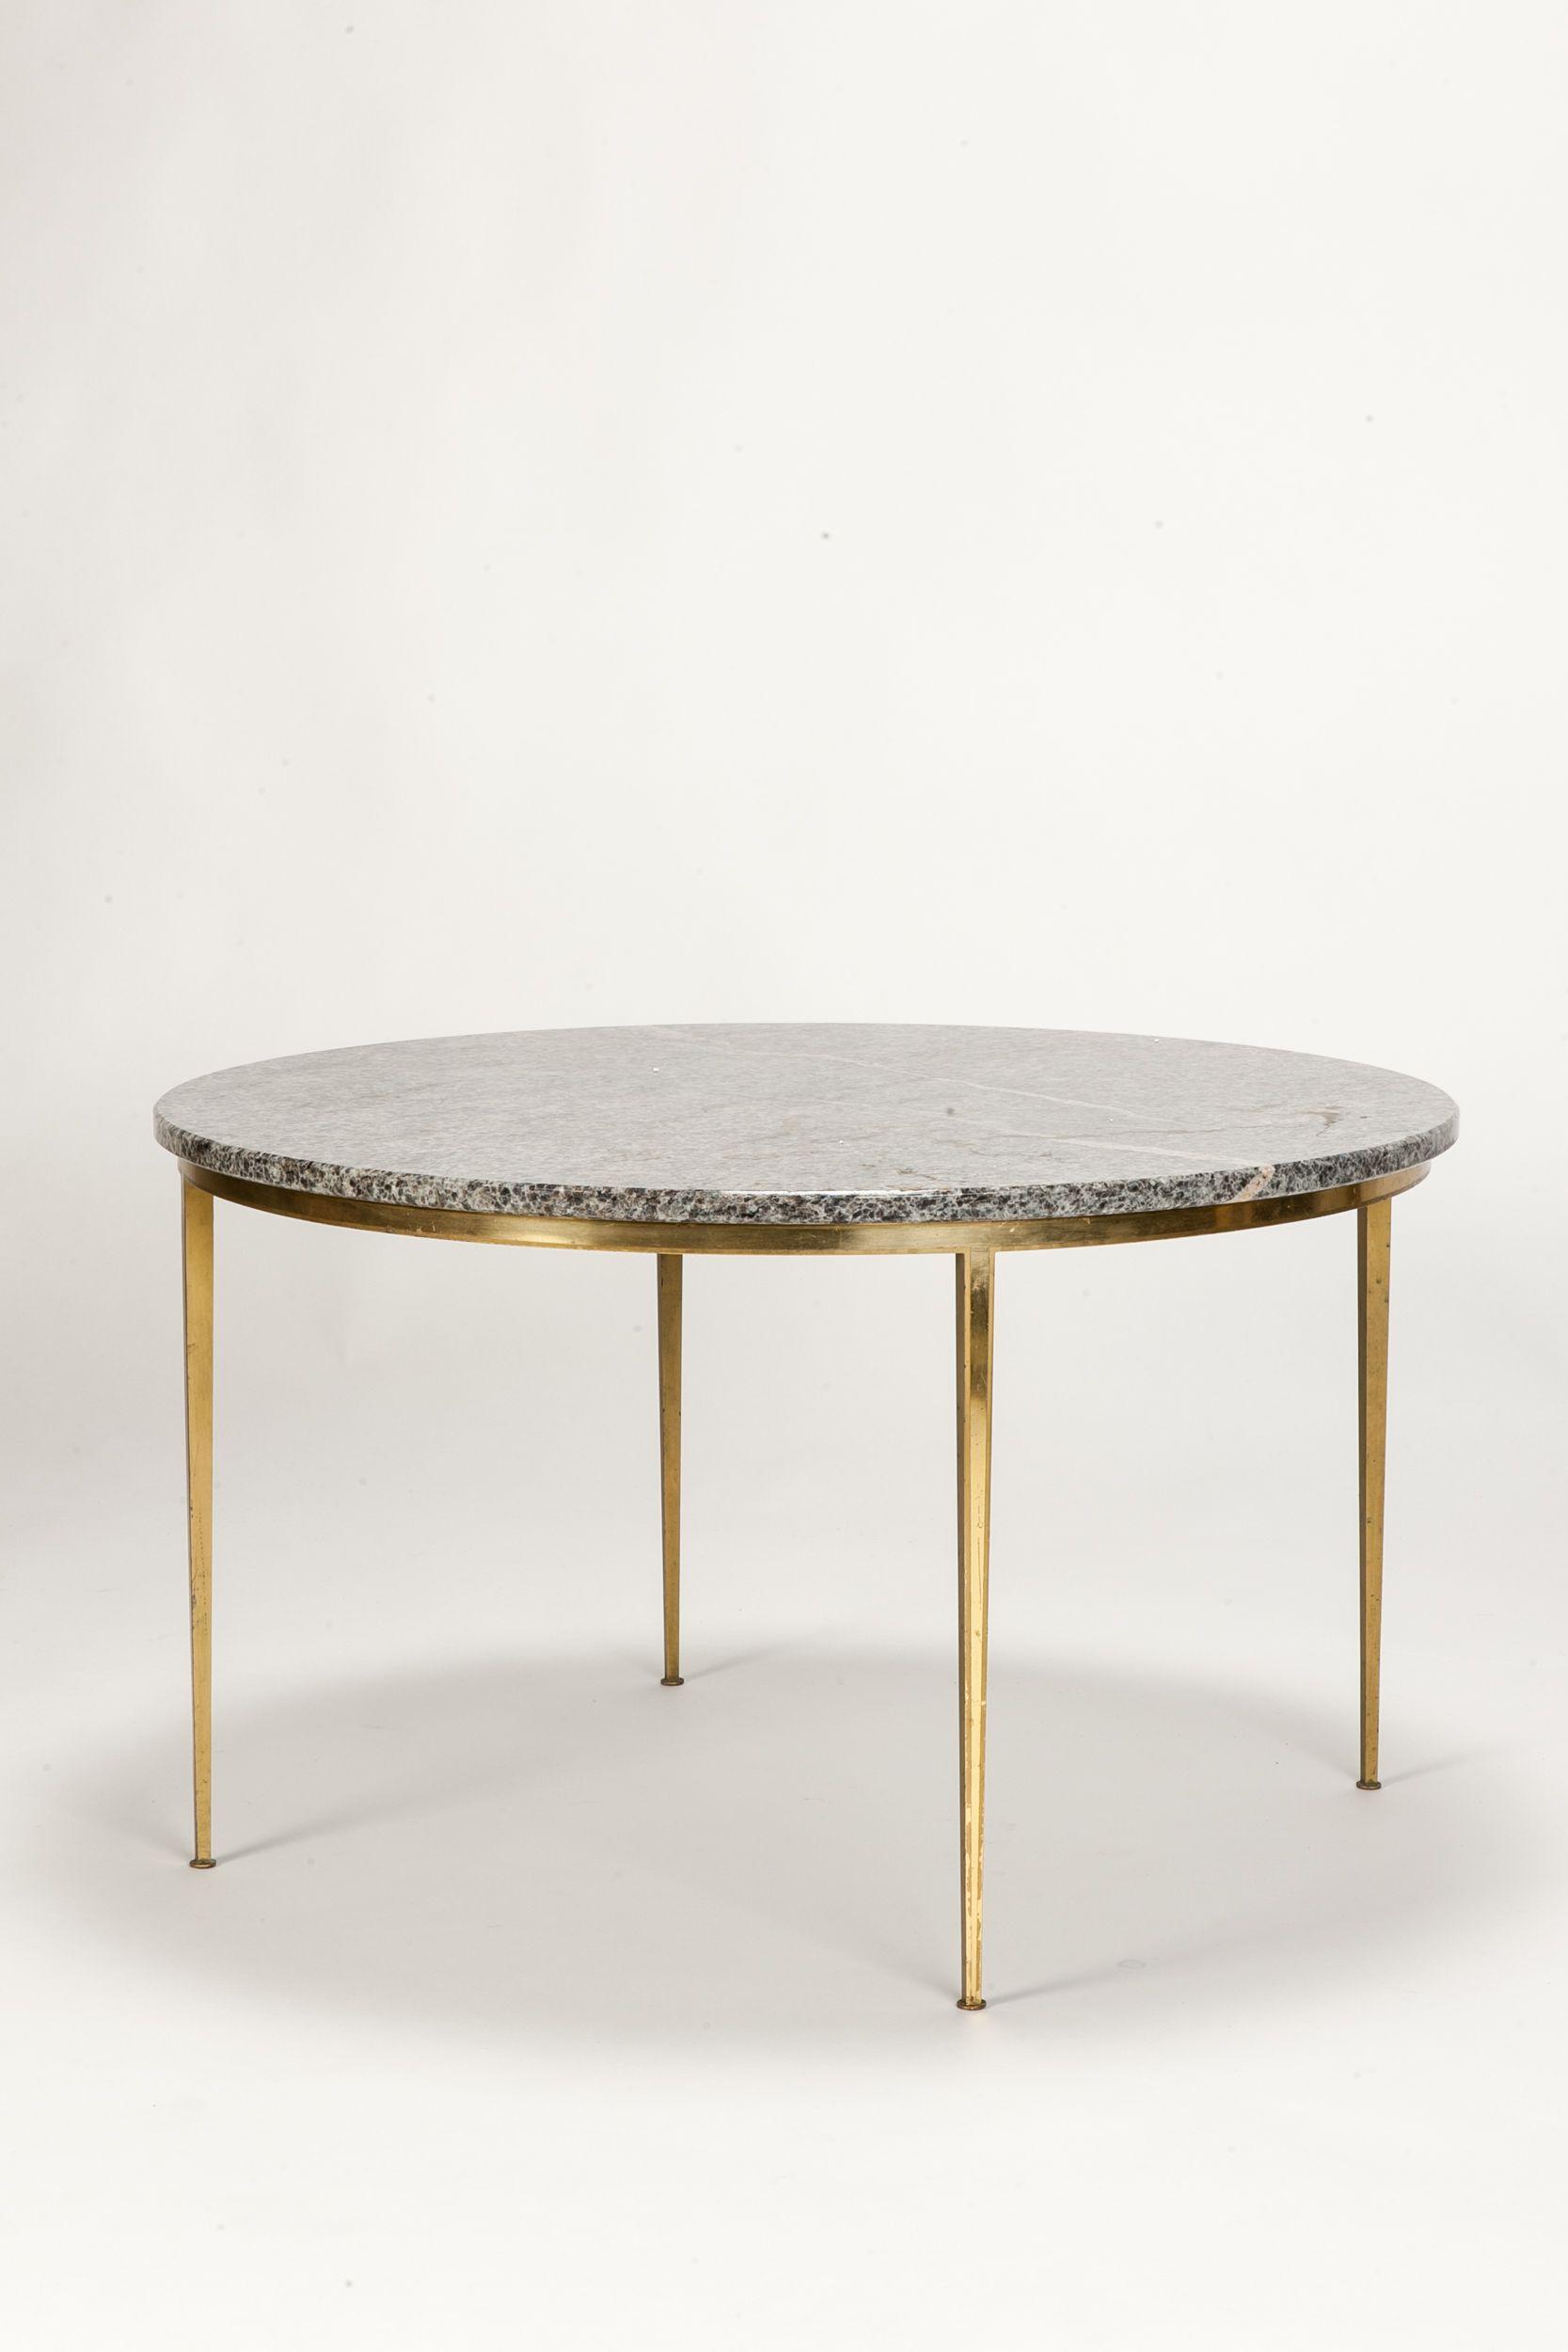 Marmor Und Gold Couchtisch Messing Couchtisch Beine Marmor Beistelltisch Stone Top Couchtisch Marmor Sockel Couch Couchtisch Marmor Kaffeetisch Couchtisch Rund